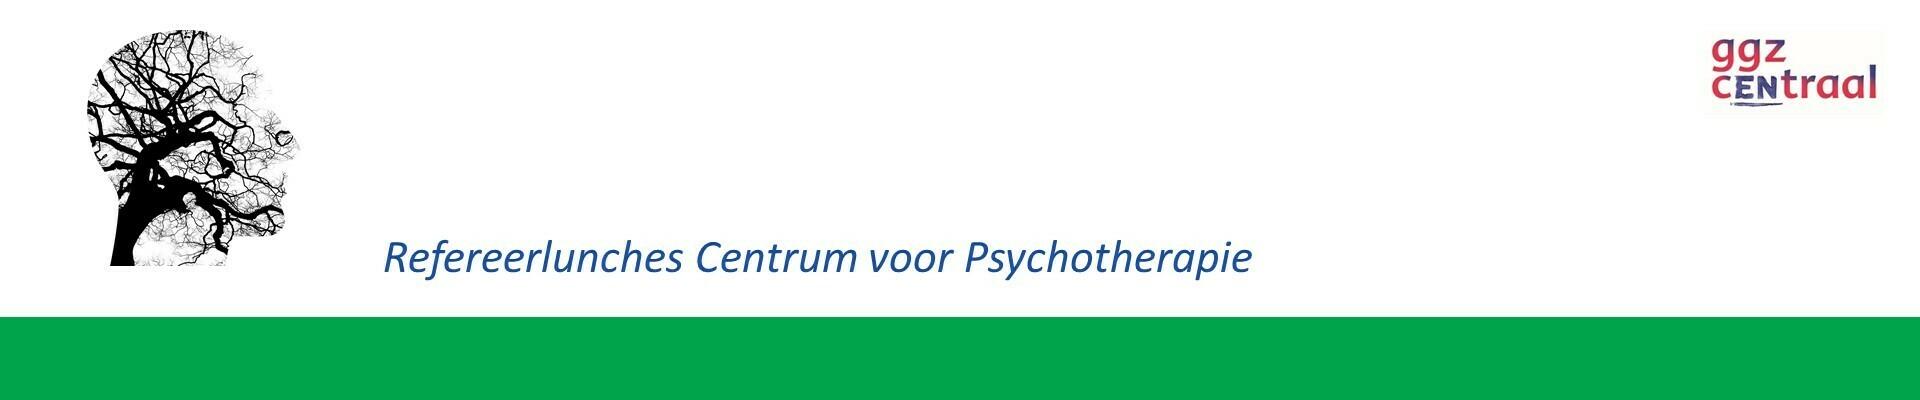 Refereerlunch Centrum voor Psychotherapie 11 mei